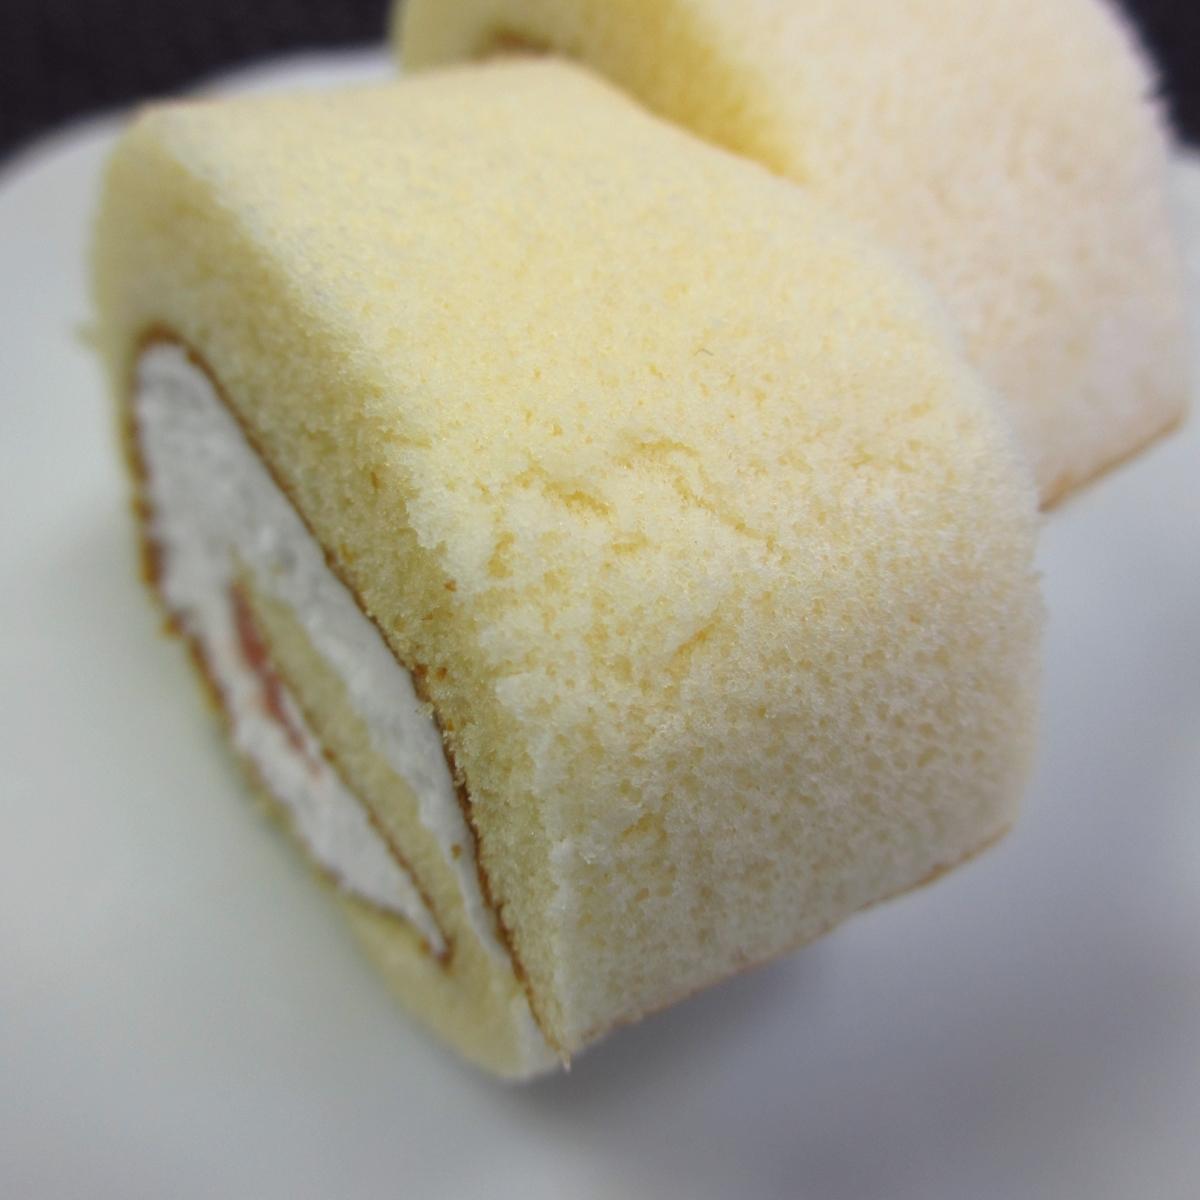 イチゴのロールケーキ20150627 (9)